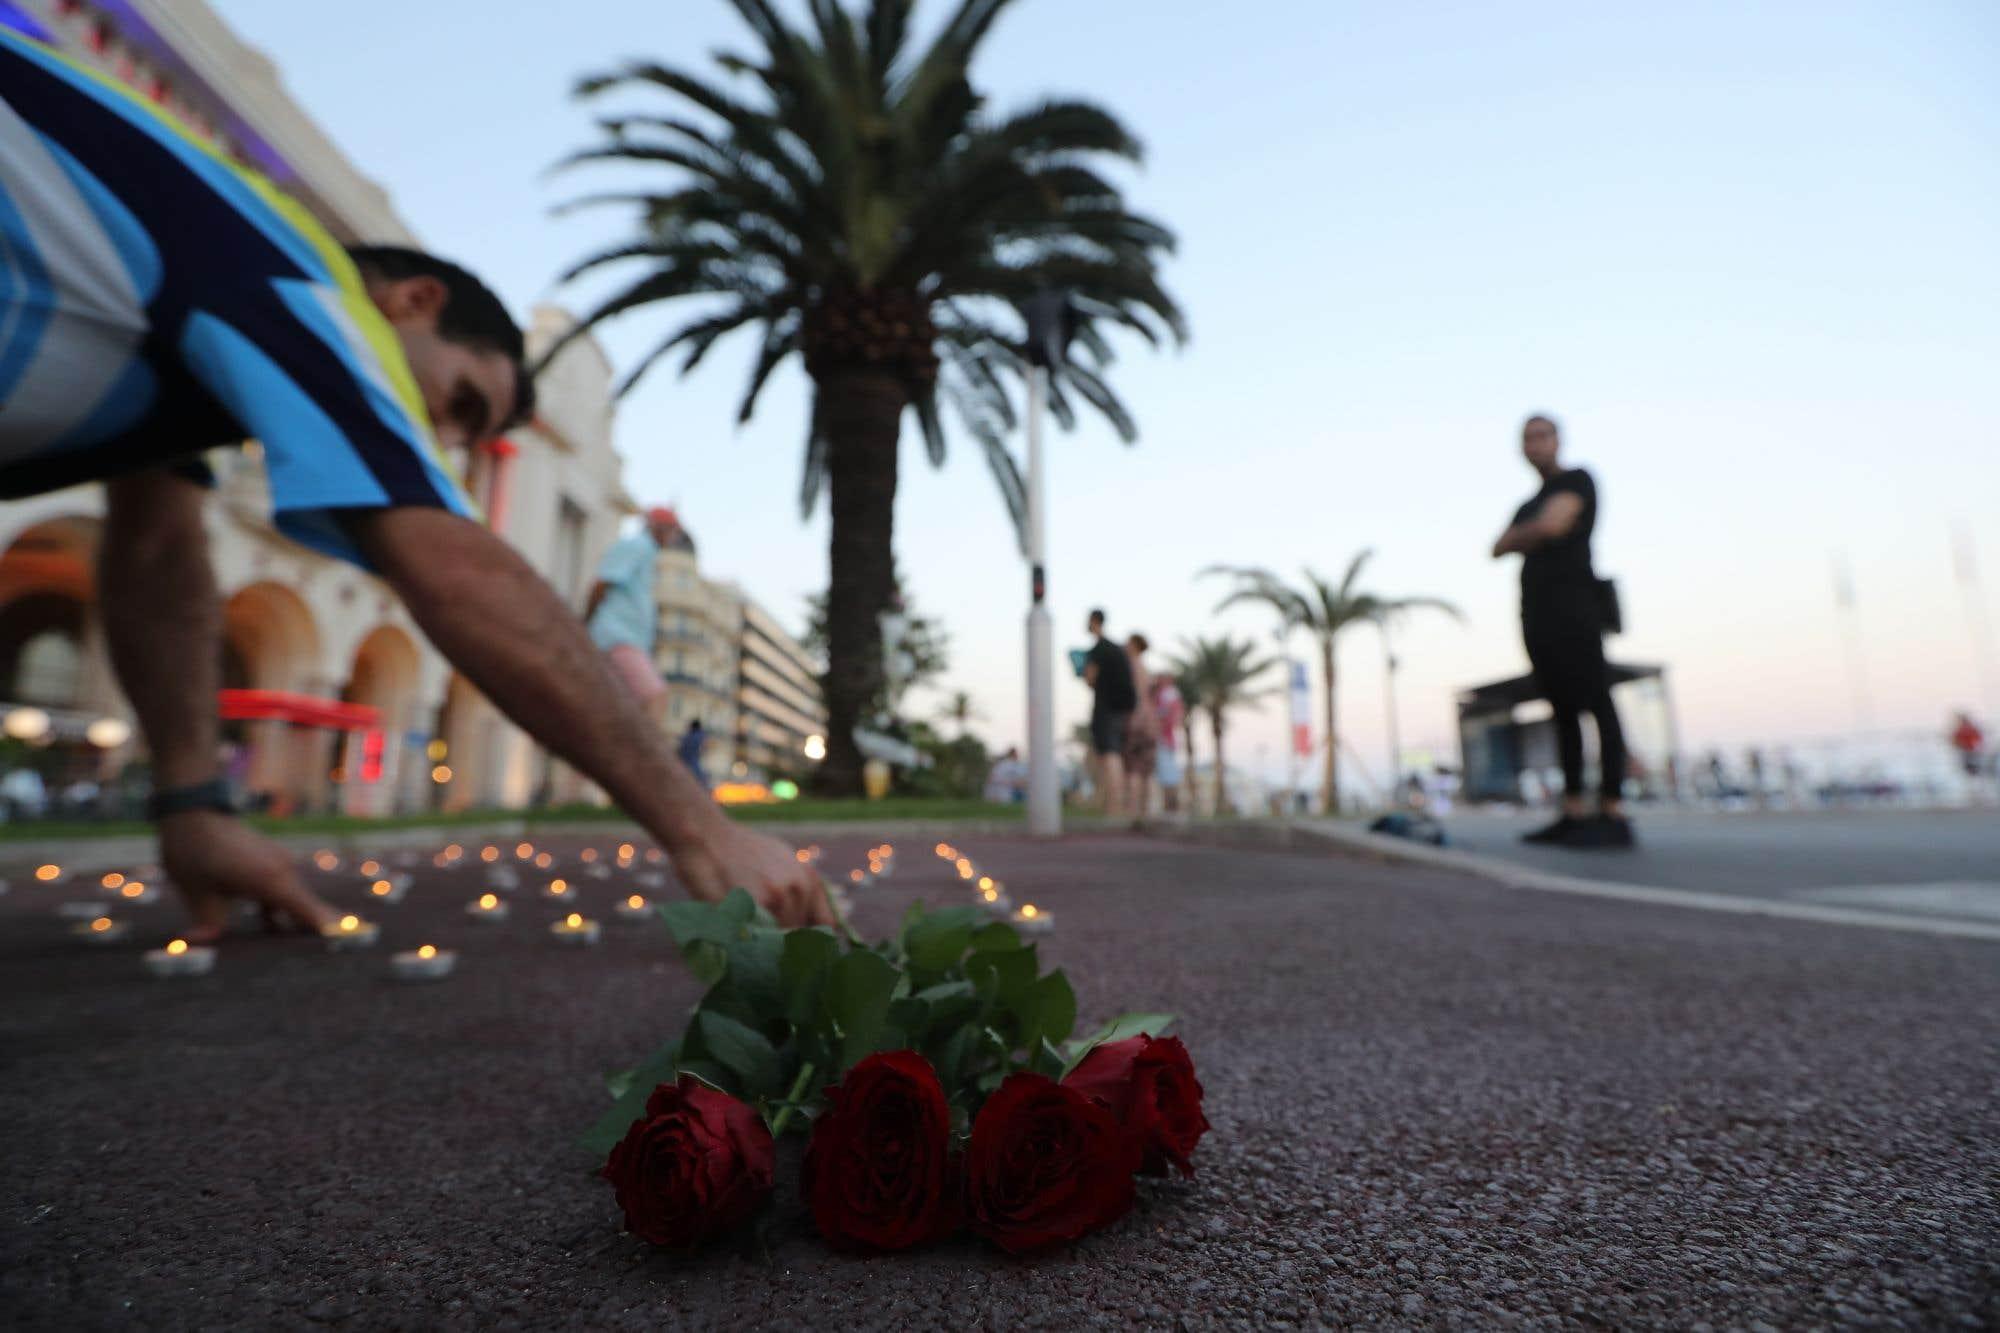 Des roses et des lampions commémorent l'attentat de Nice sur la promenade des Anglais. Il y a un an, un camion avait foncé sur la foule amassée sur la promenade pour la fête nationale française. L'attentat, revendiqué par le groupe armé État Islamique, avait fait 86 morts. Consultez notre texte sur le sujet